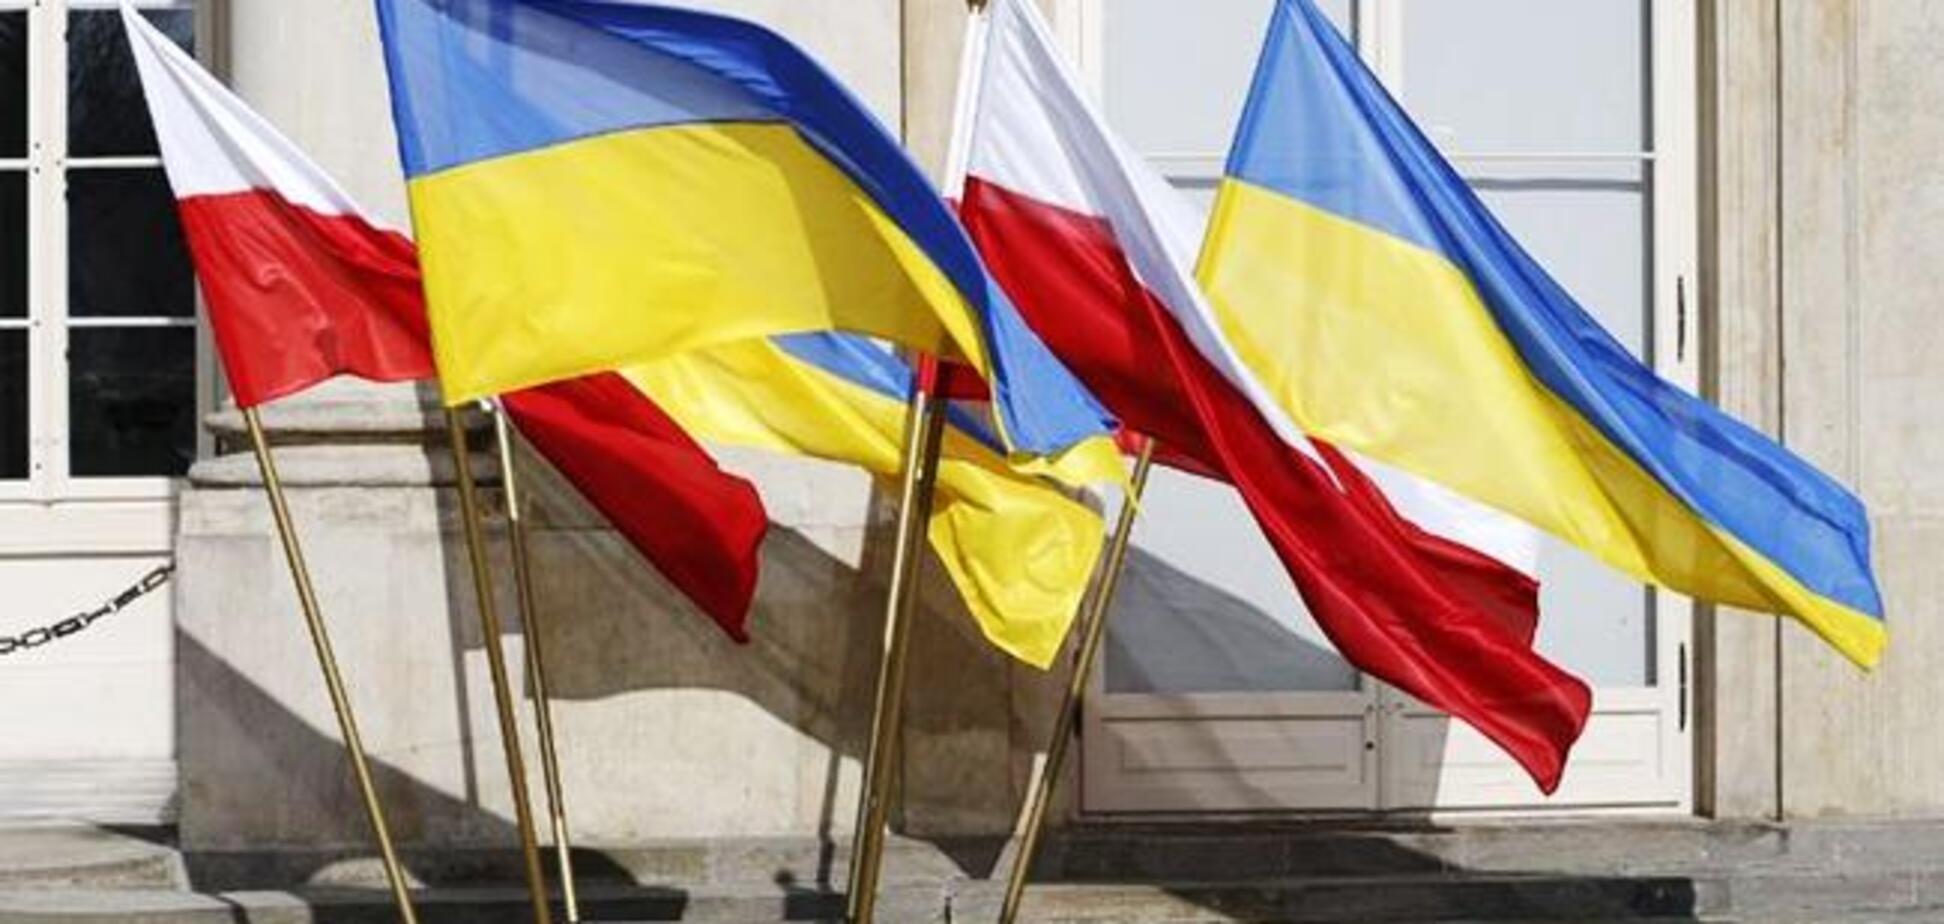 'Забирайтеся в Україну': Польщі поставили жорсткий ультиматум